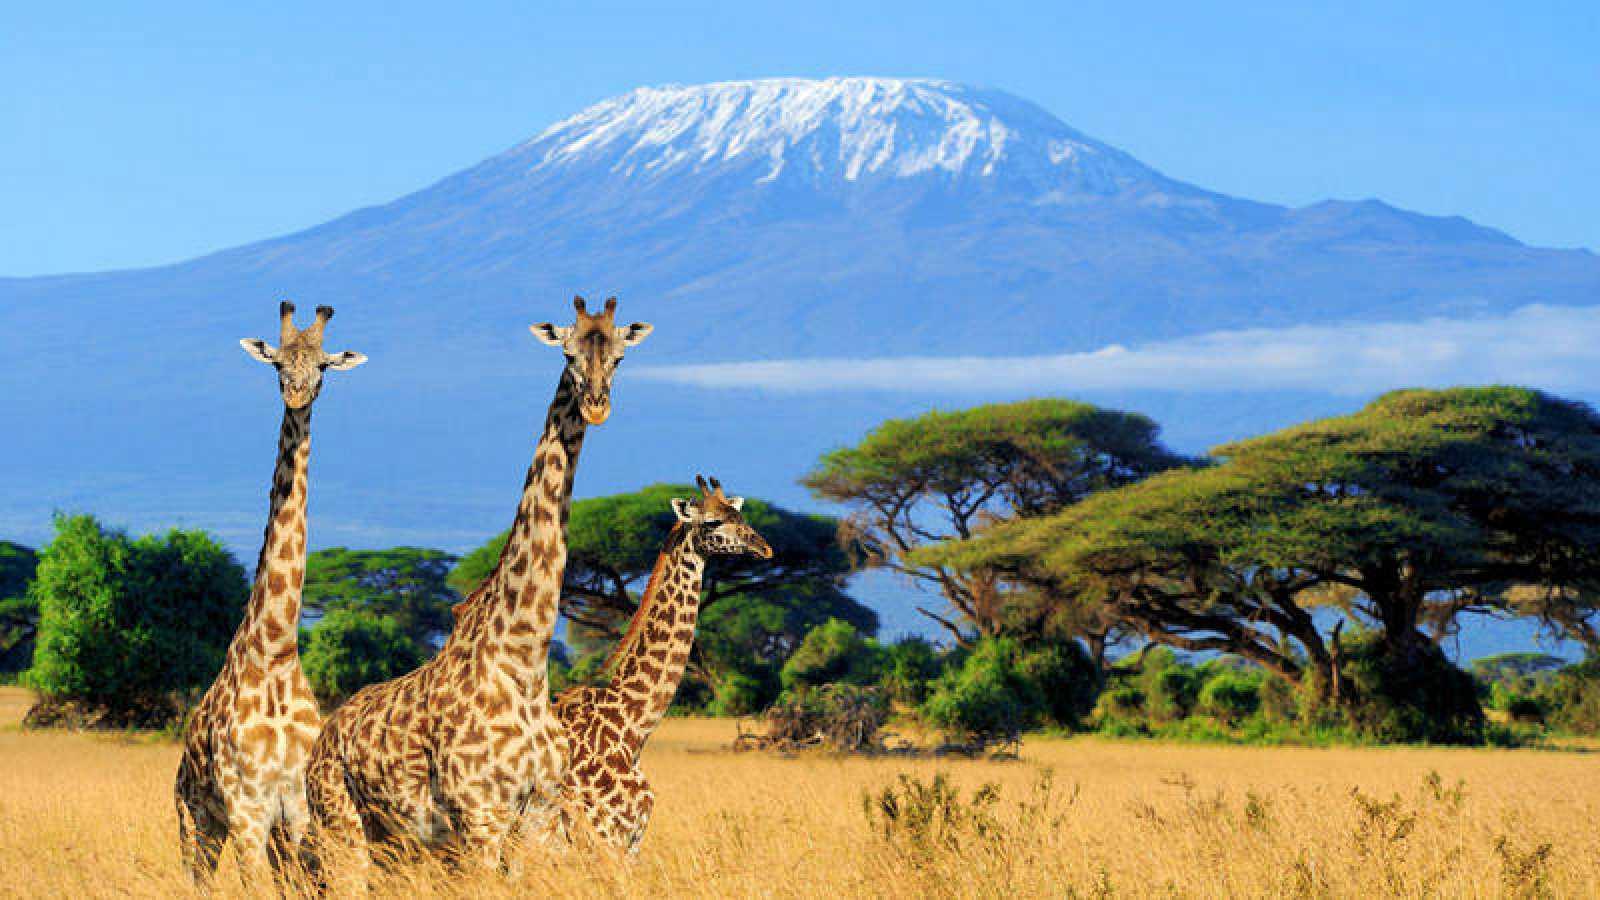 La población de jirafas de Kenia ha pasado de unos 45.000 individuos en 1998 a unos 28.850 en la actualidad.